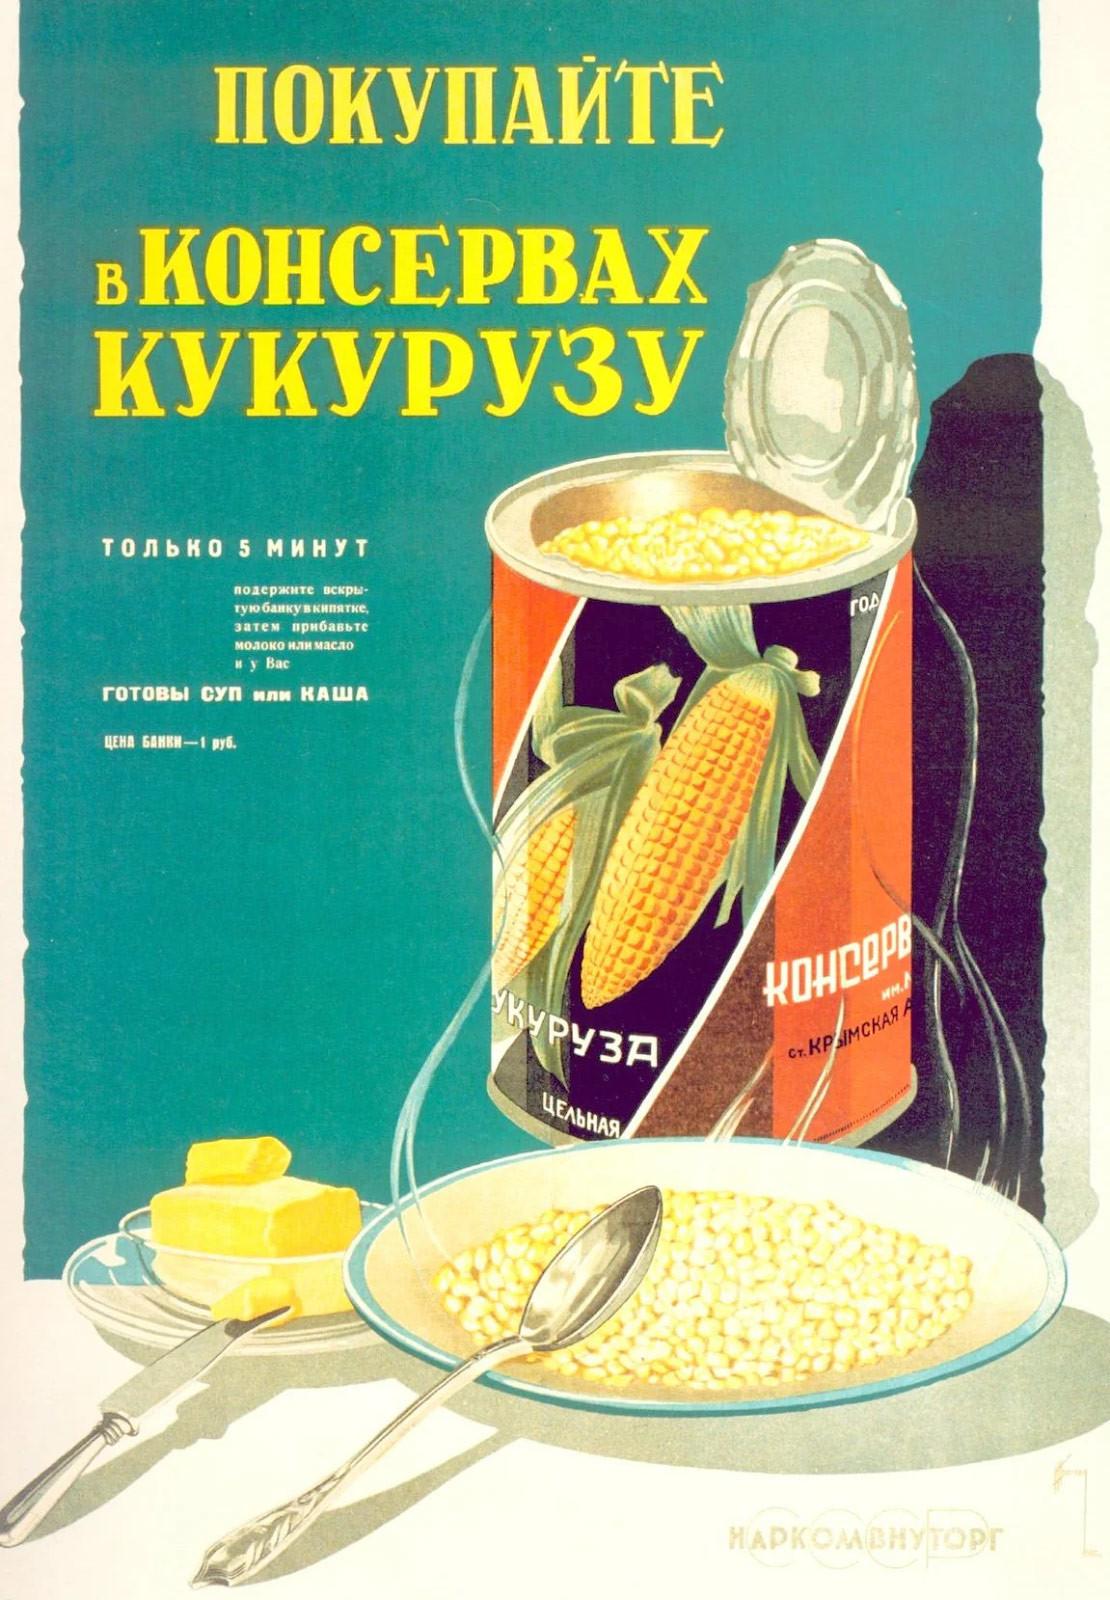 Achetez du maïs en conserve !